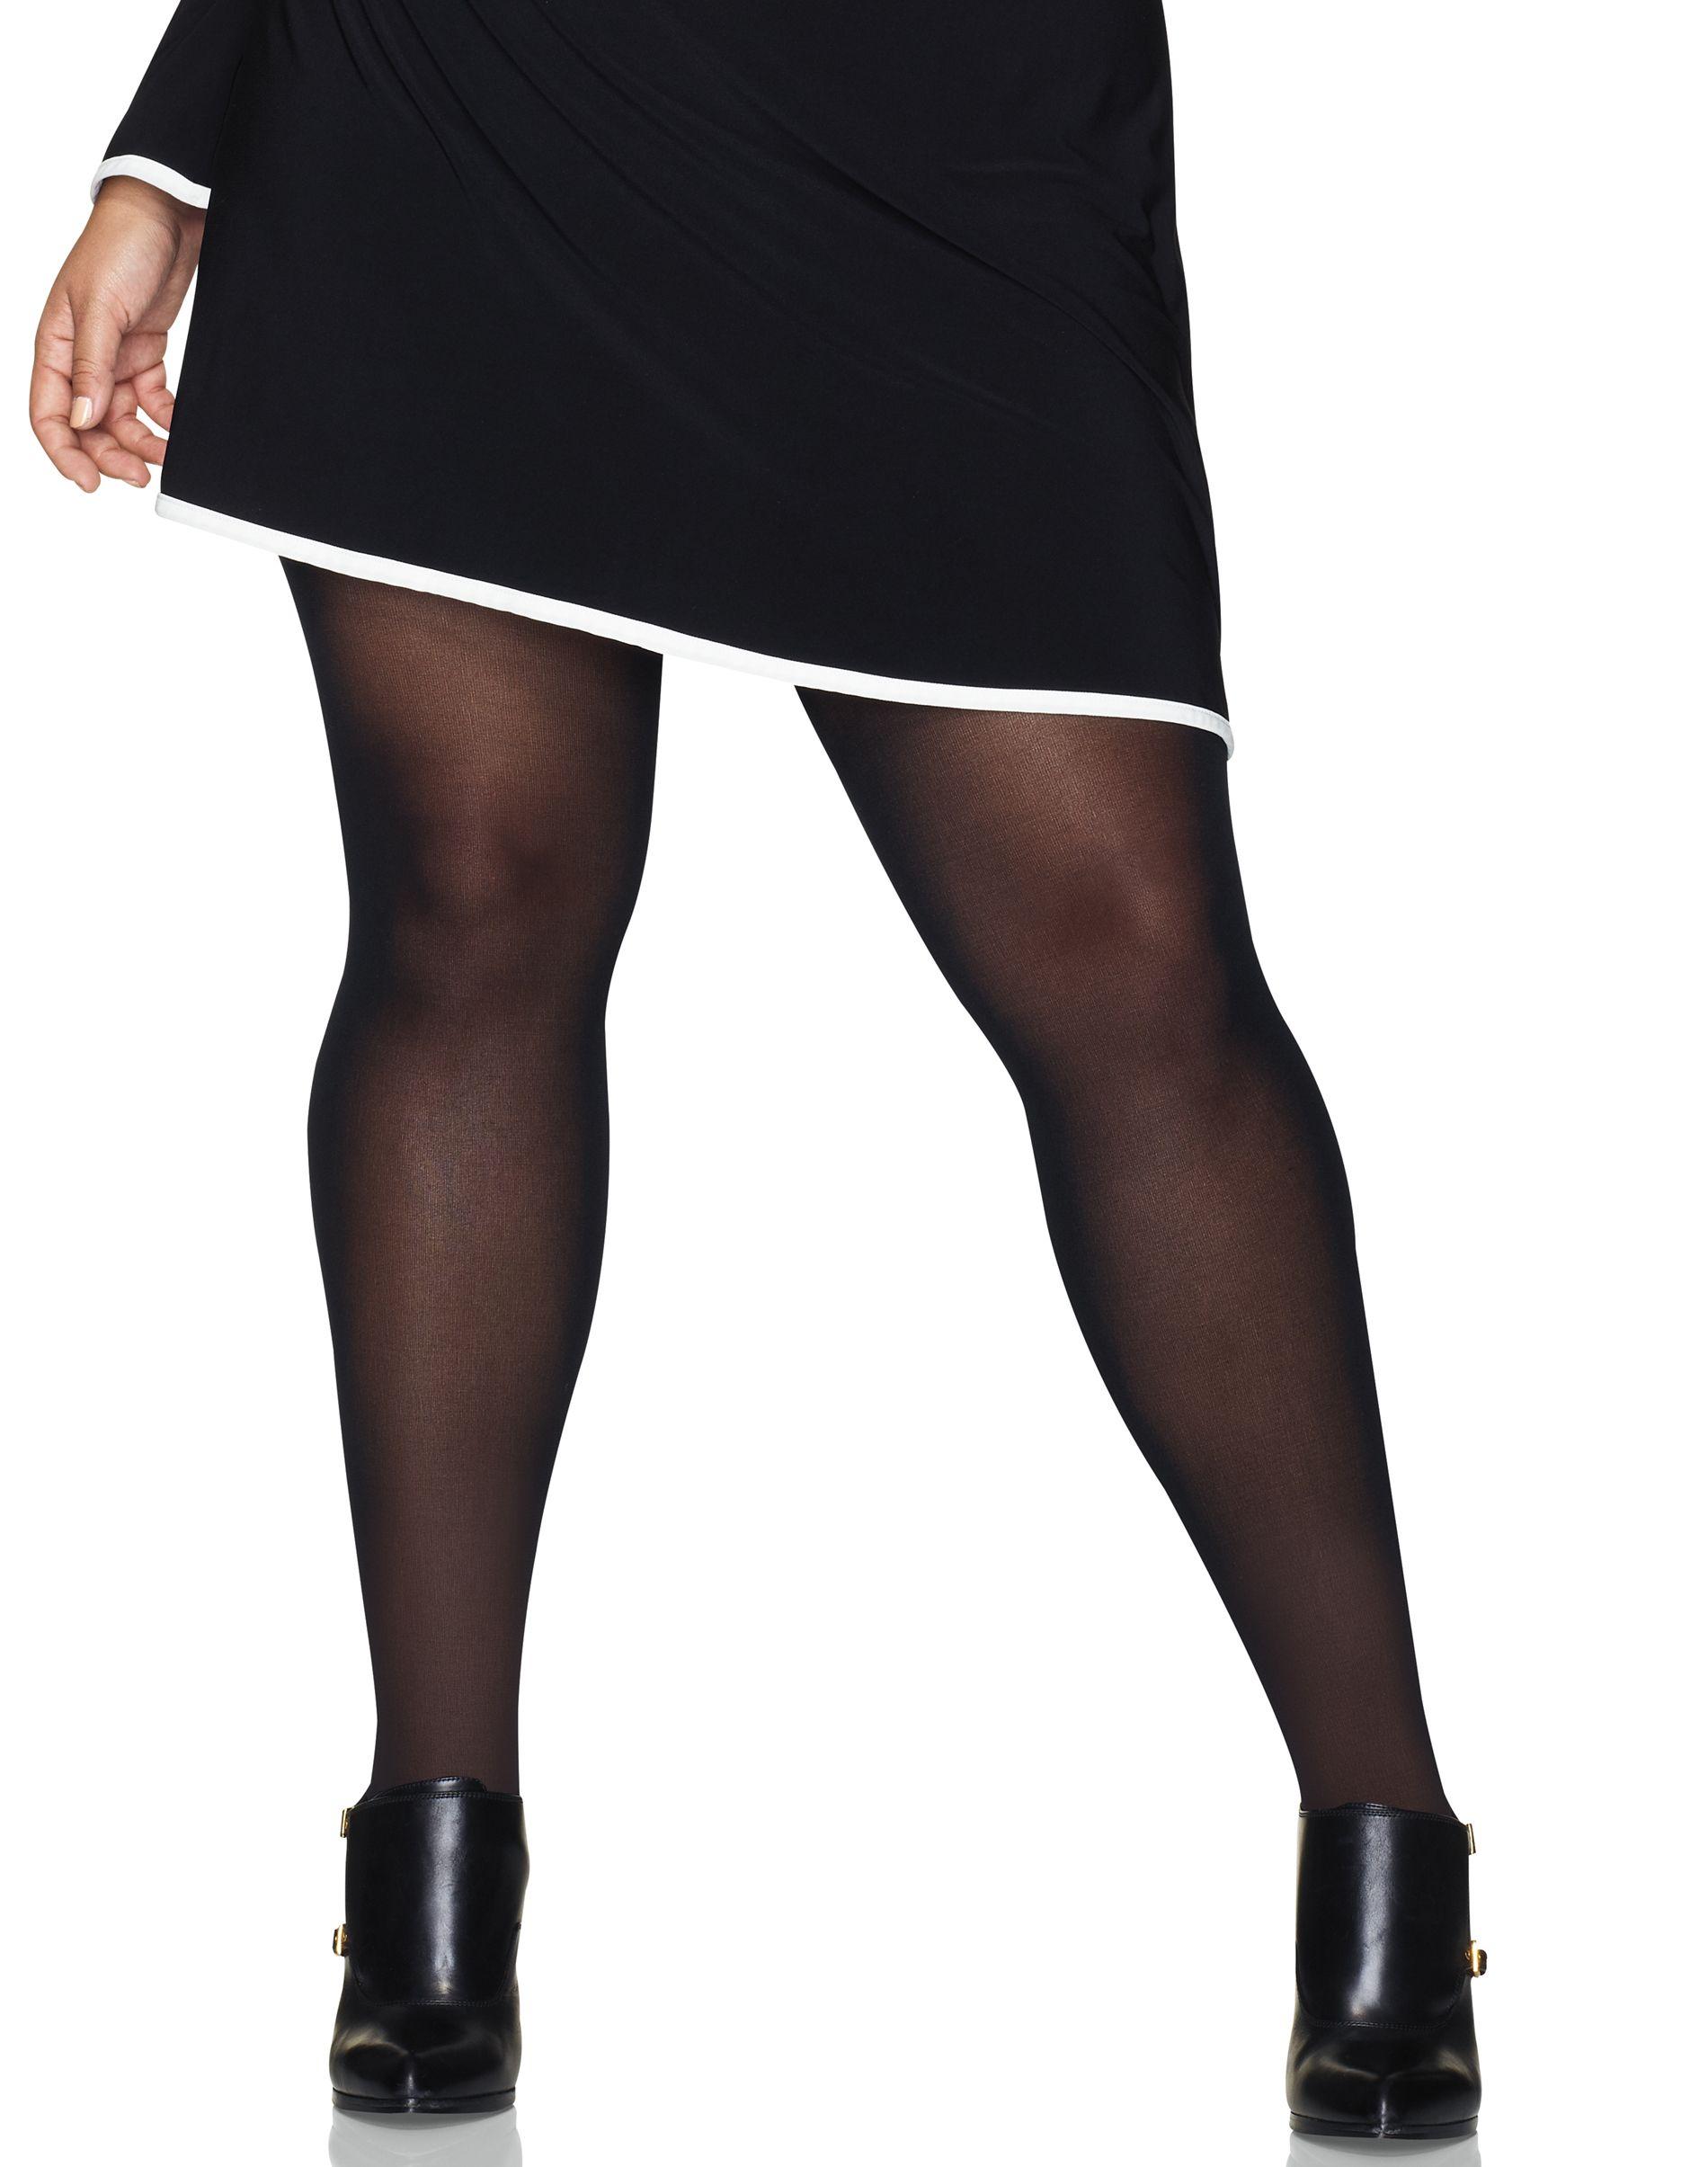 hanes curves control top opaque tights women Hanes